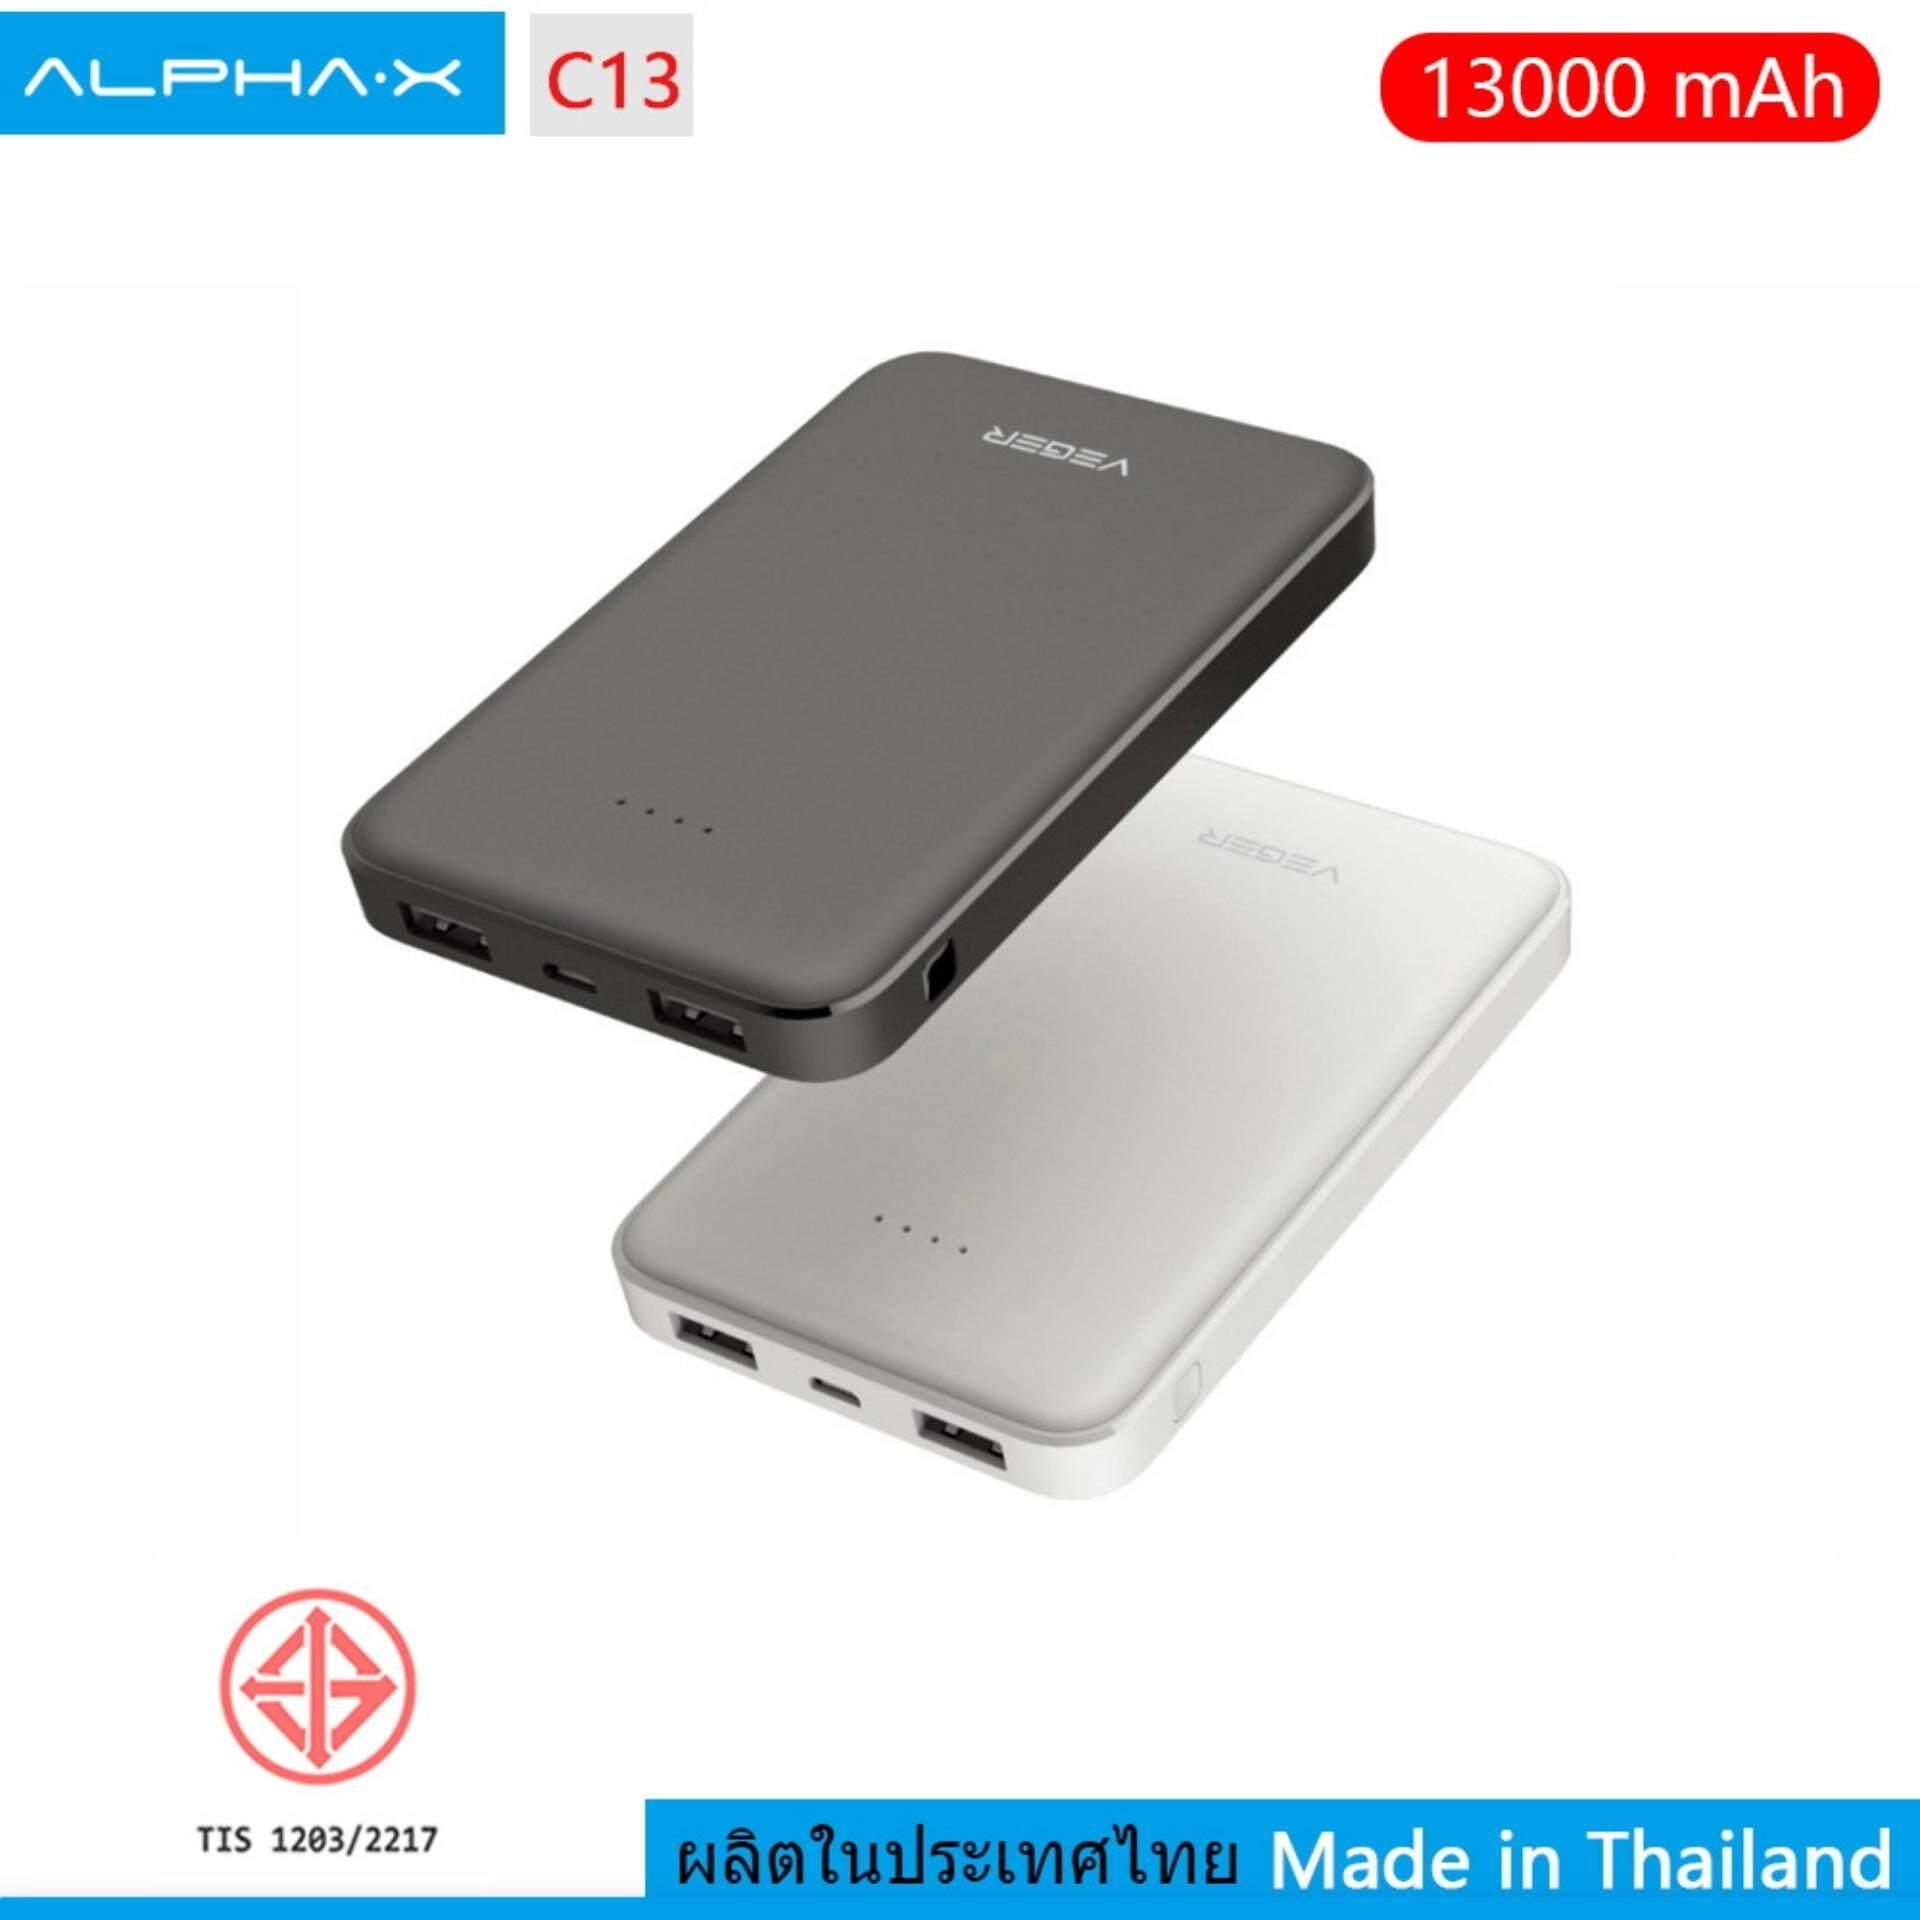 ราคา Alpha X รุ่น C13 Power Bank 13000 Mah แชสซีขนาดเล็กและความจุขนาดใหญ่for Iphone Samsung Alpha X ใหม่